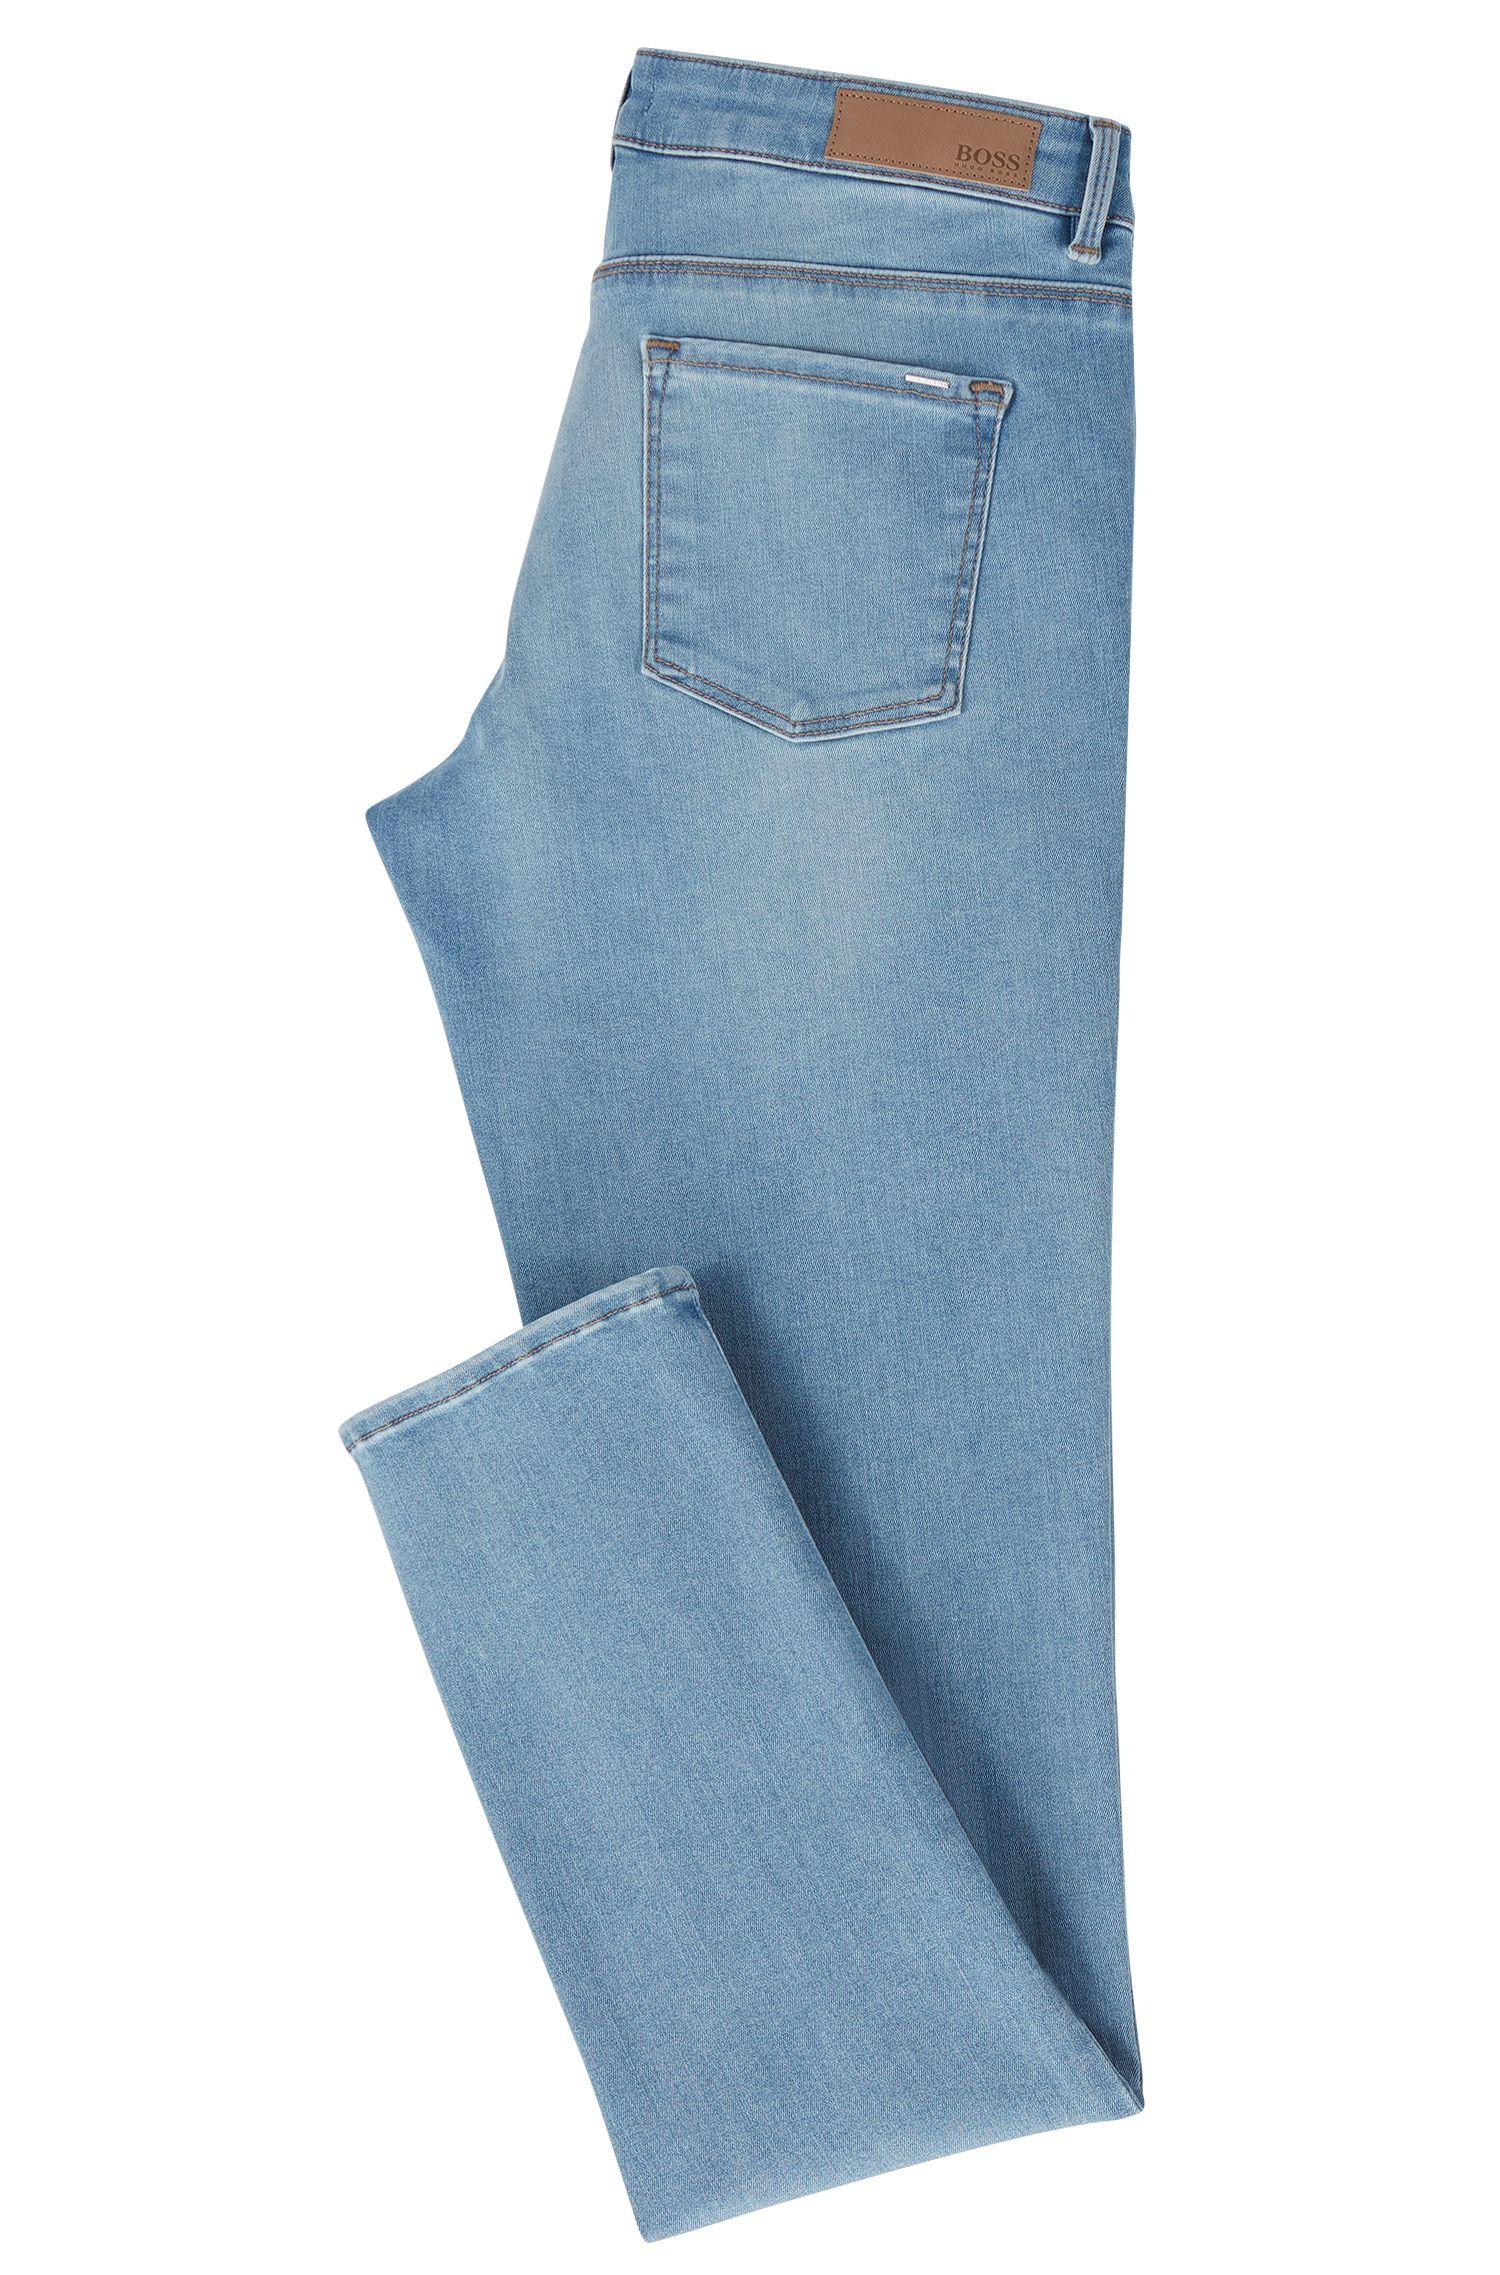 Bright-blue super-stretch jeans in a regular fit